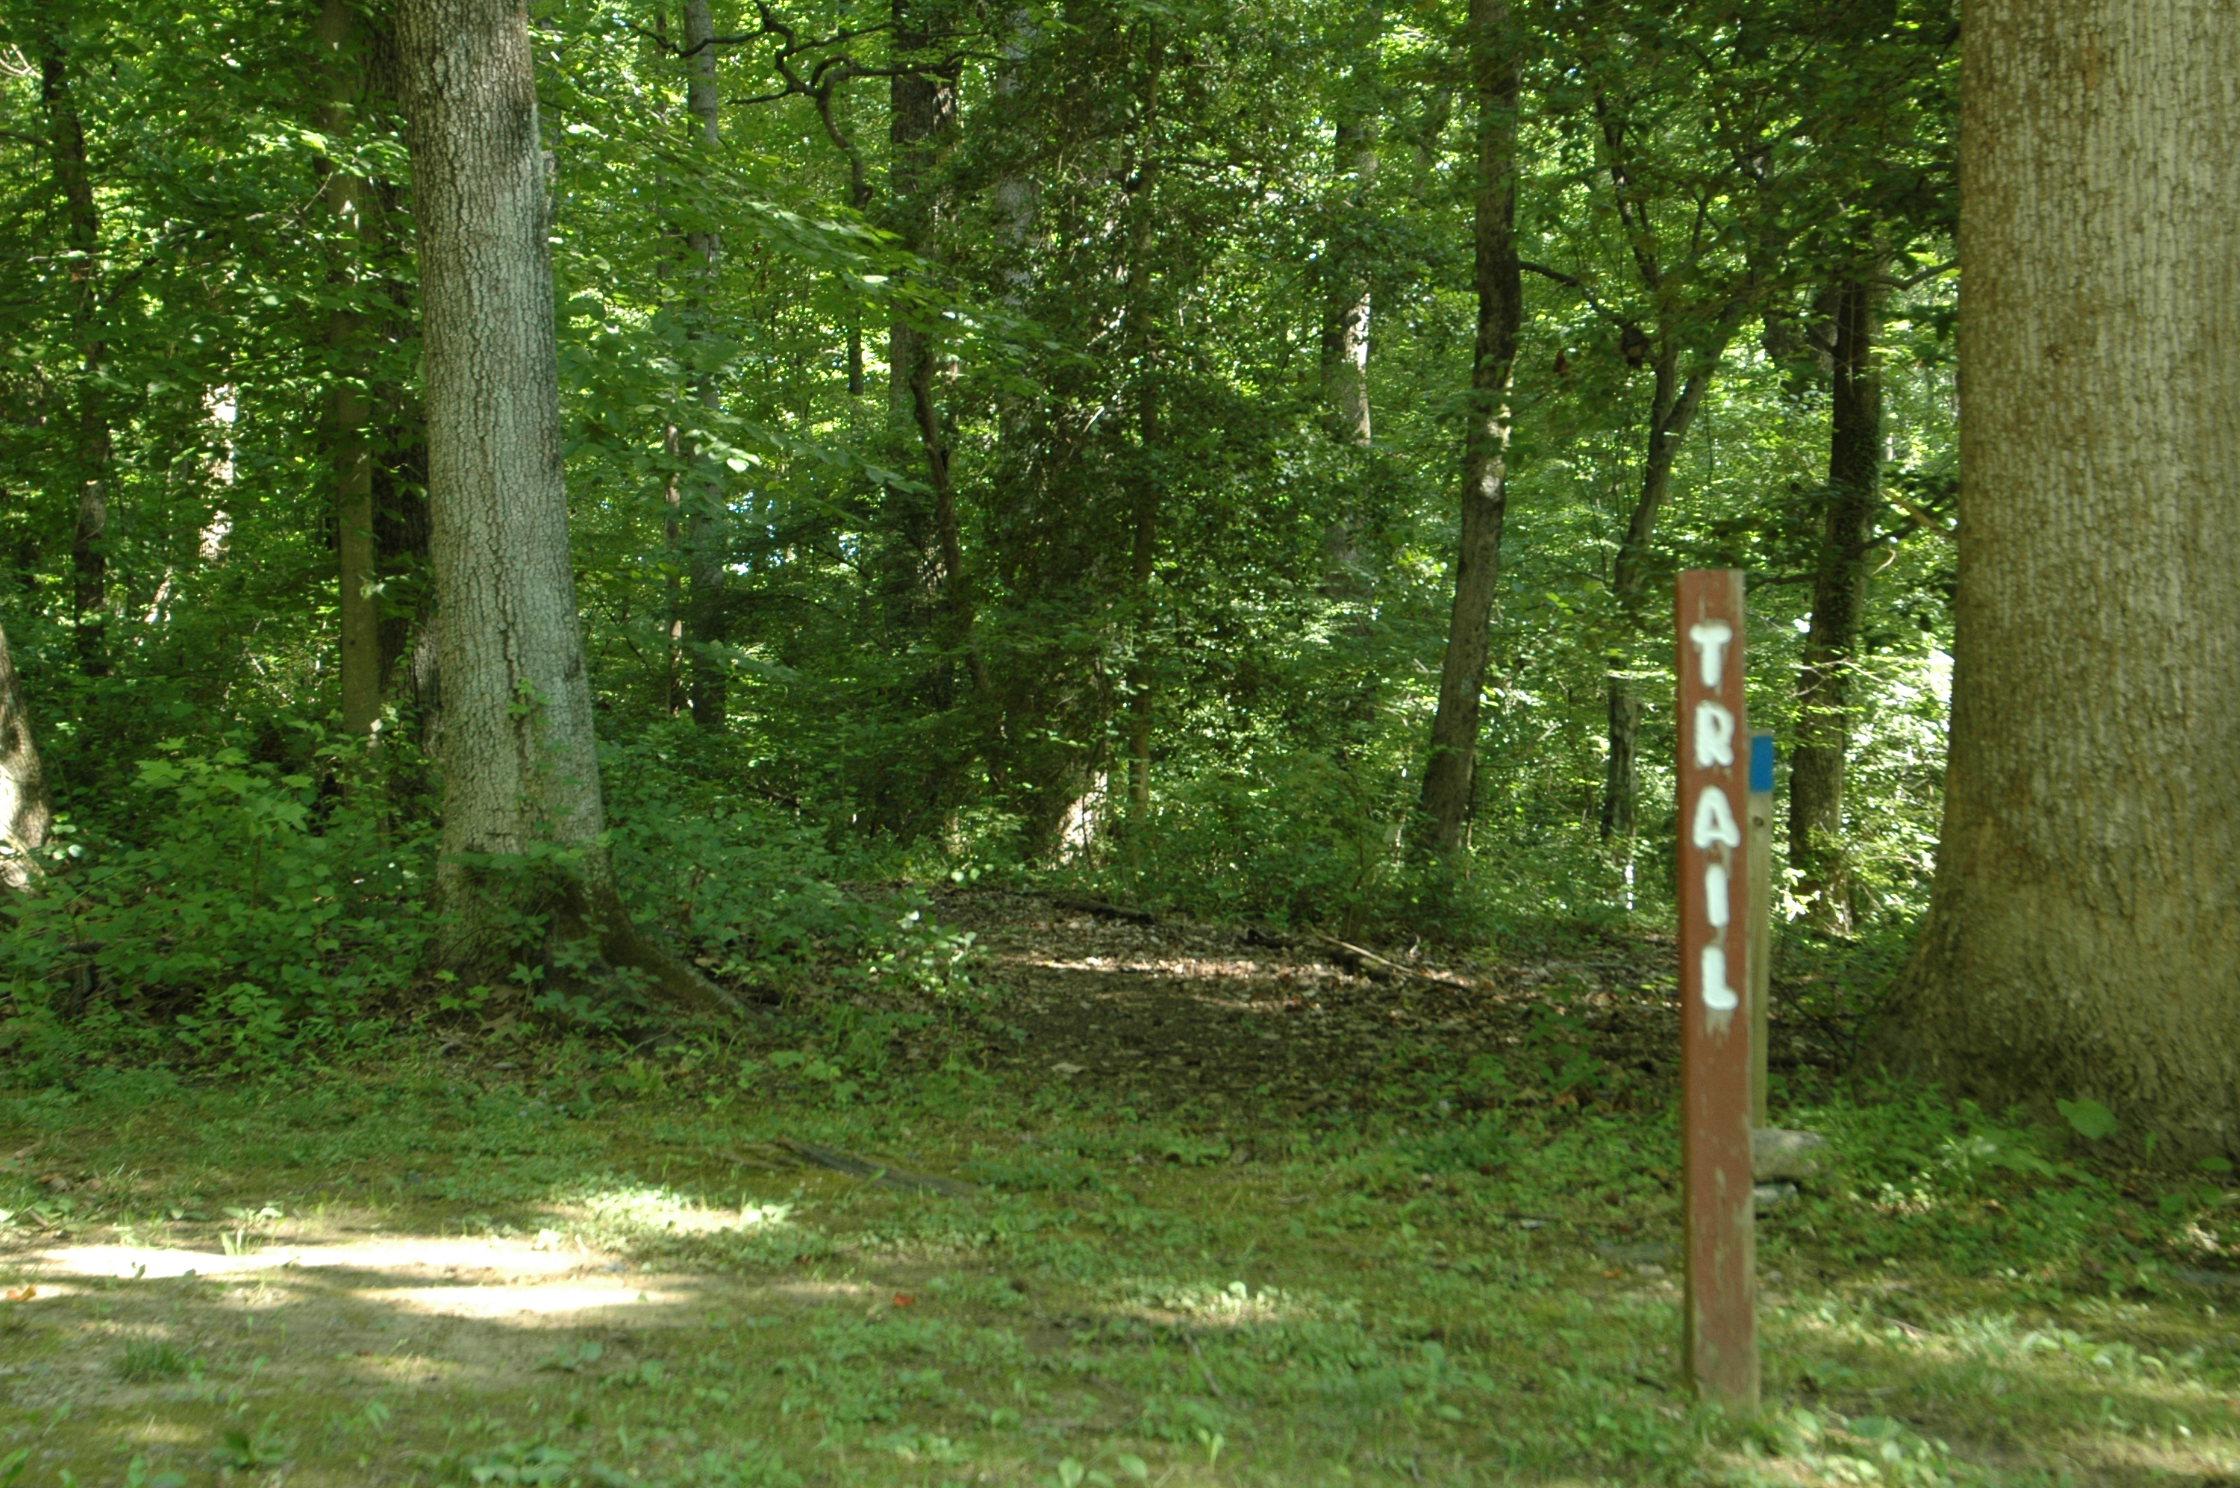 Pine Tree's hiking trail - trail head.